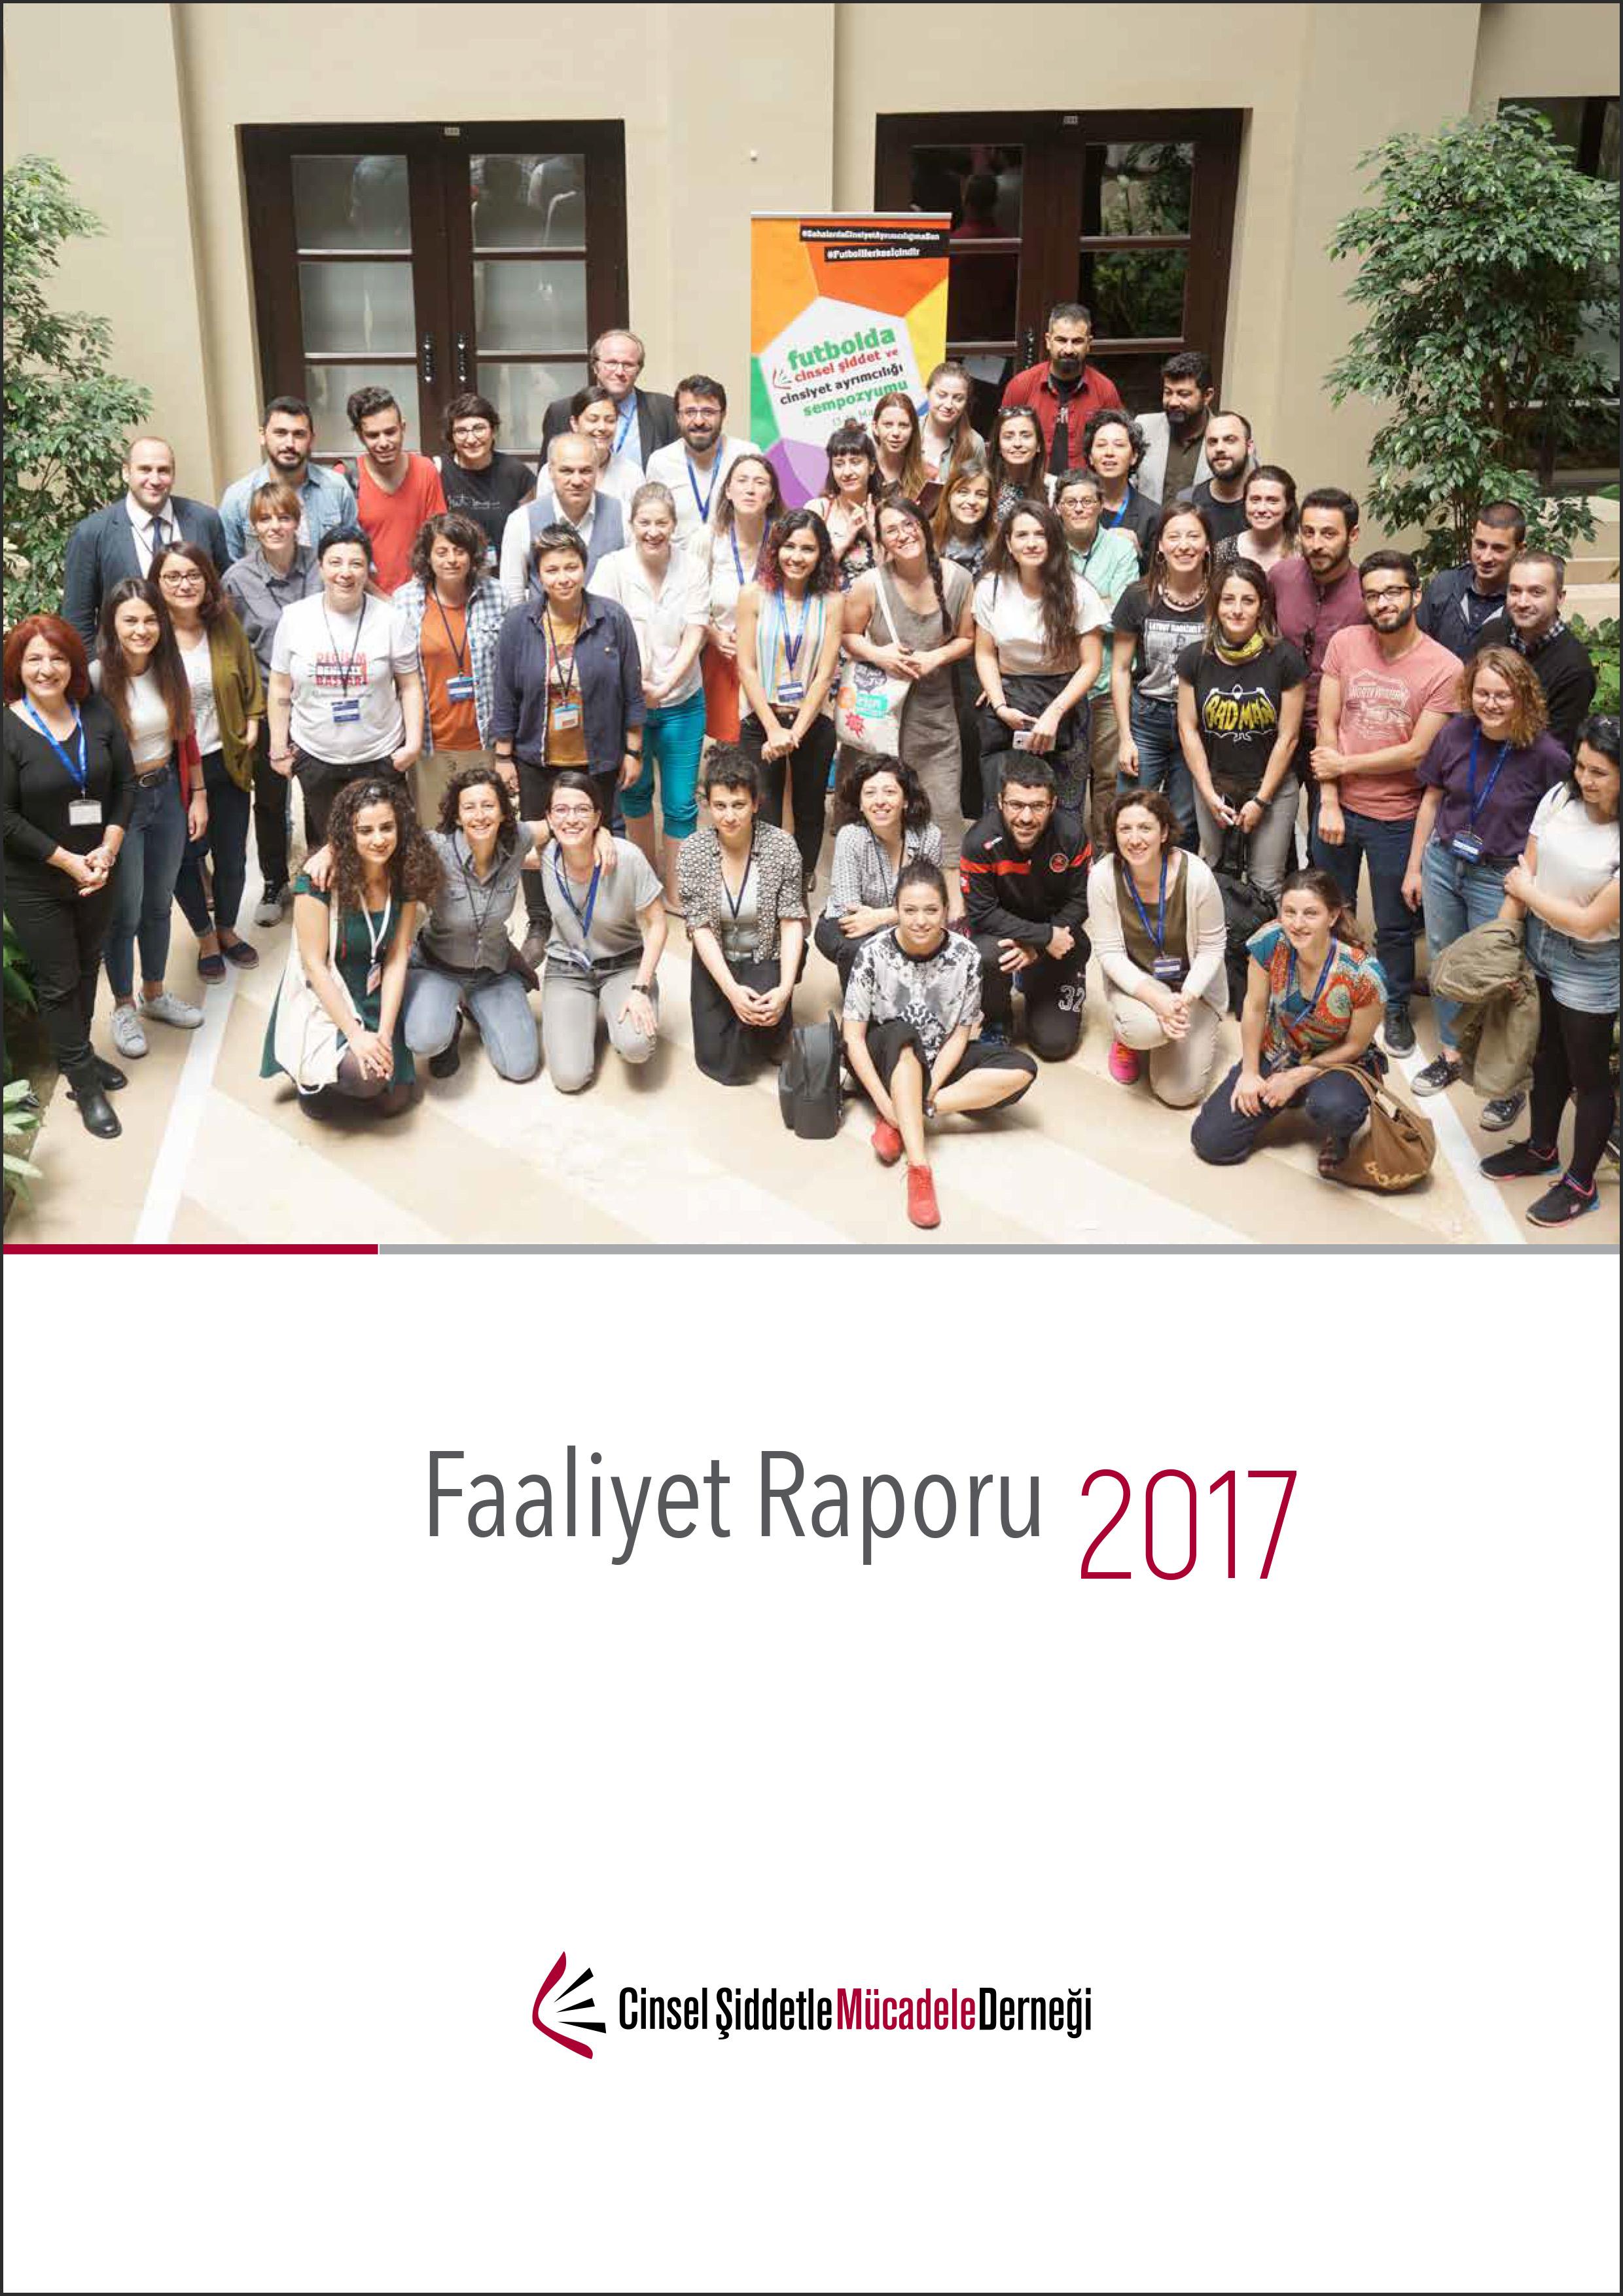 2017 Faaliyet Raporu